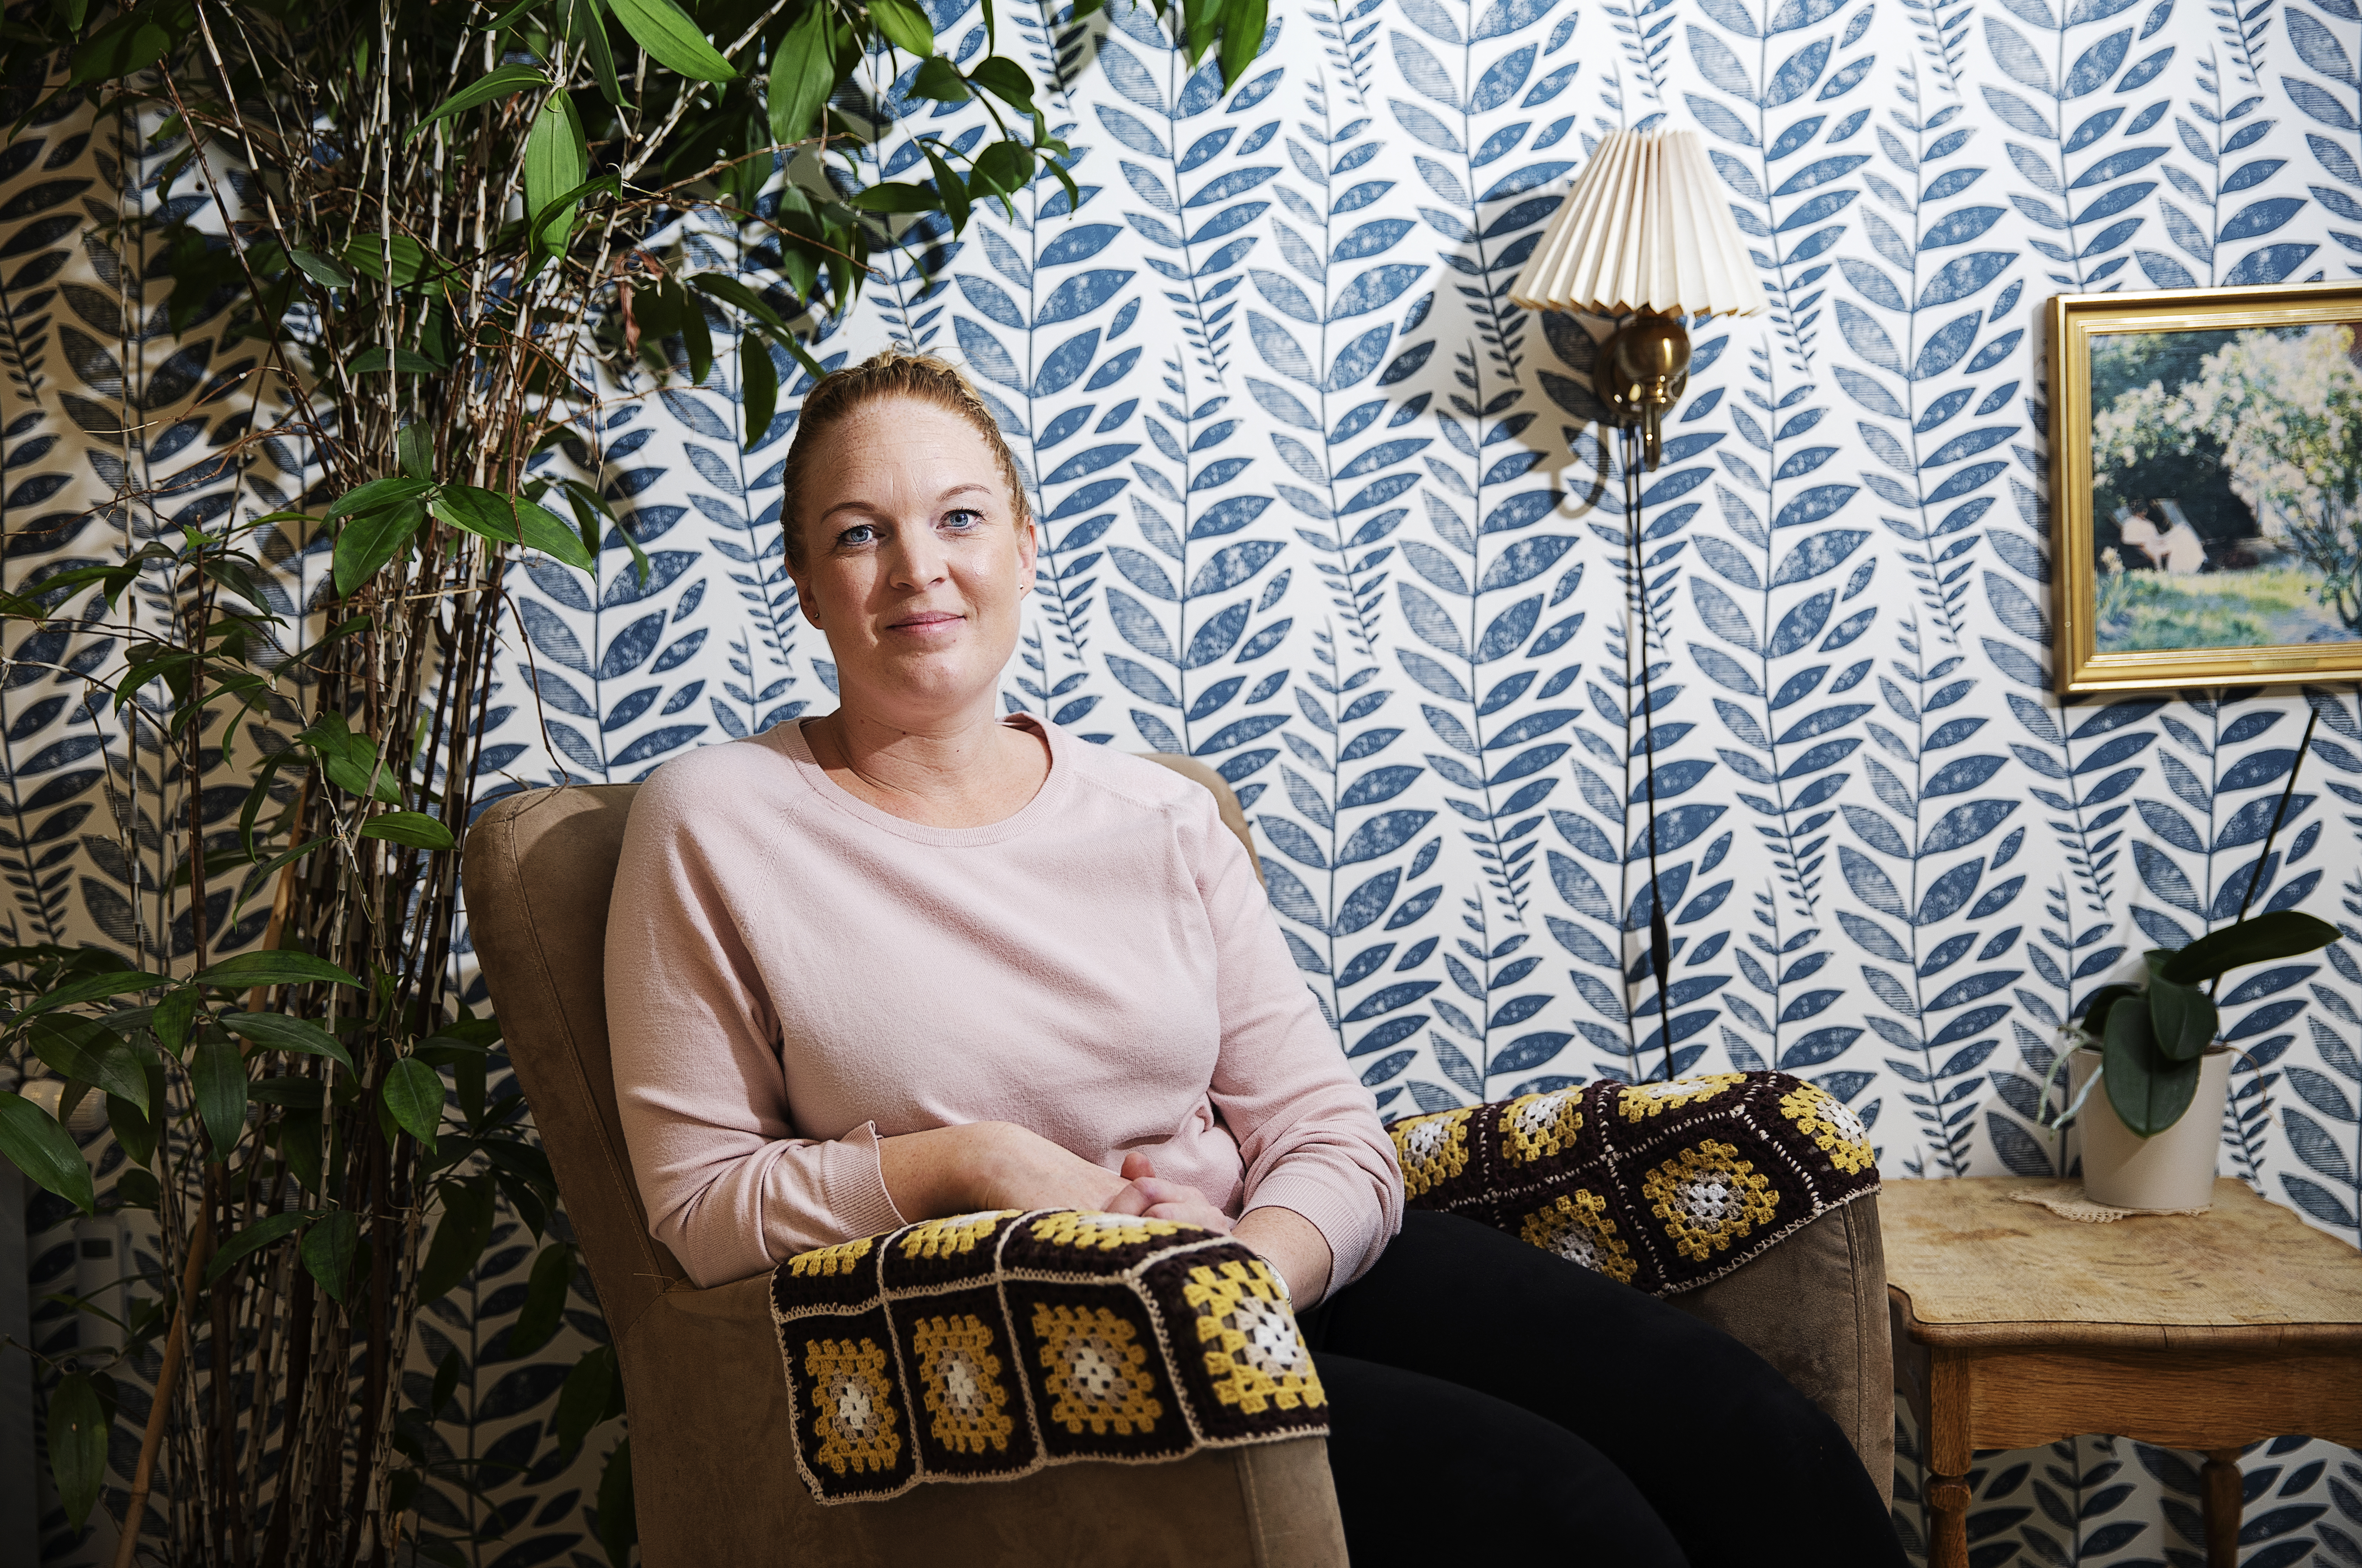 """Anya Bæksted er ansat som ergoterapeut på Bo-enheden Kildebakken i Vissenbjerg. På grund af besparelser i kommunen, bliver hun dog """"sparet væk"""" fra 30. november 2019. Hun er dog fast besluttet på at holde fast i sin arbejdsglæde."""